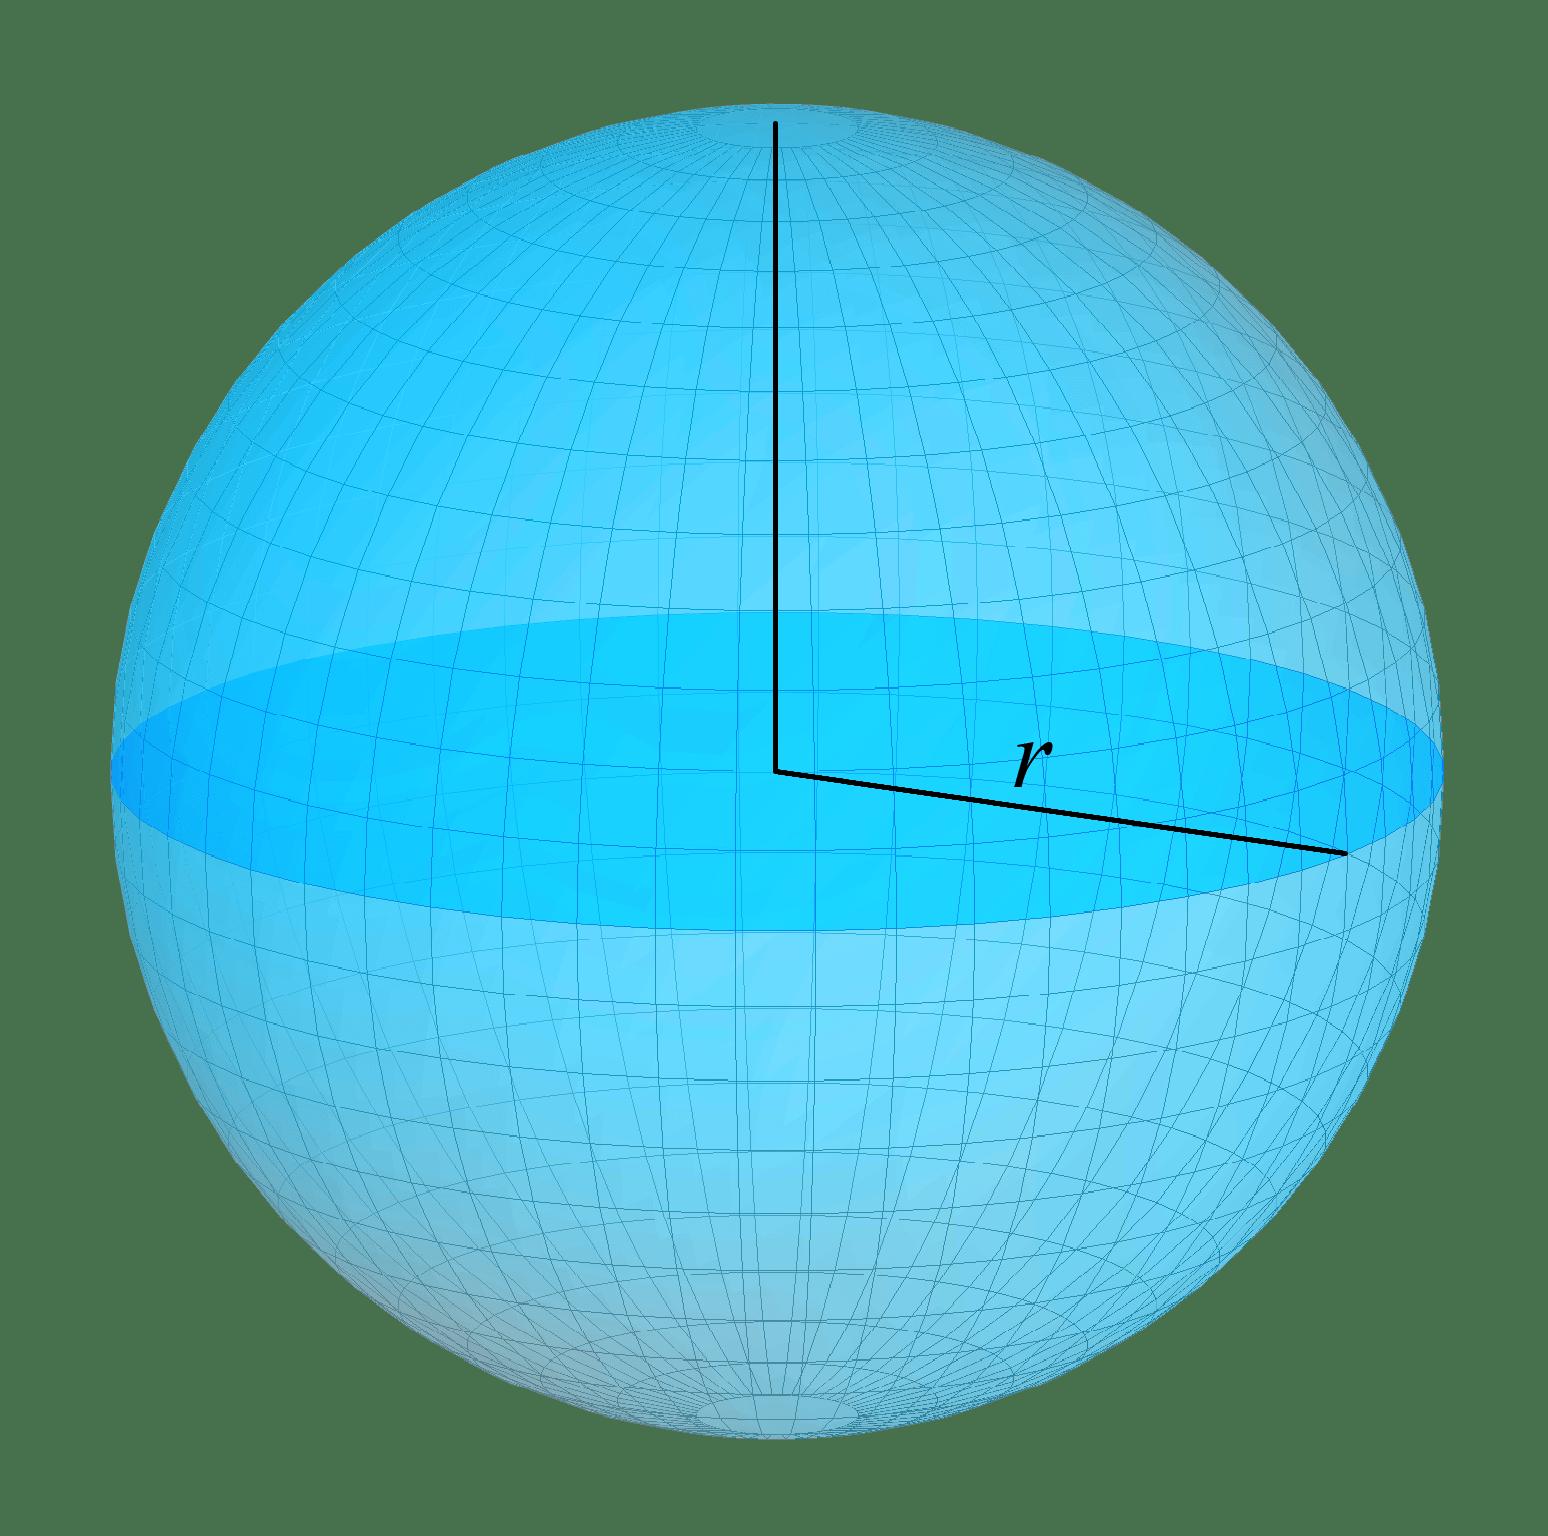 Area Of Sphere Volume Of Sphere